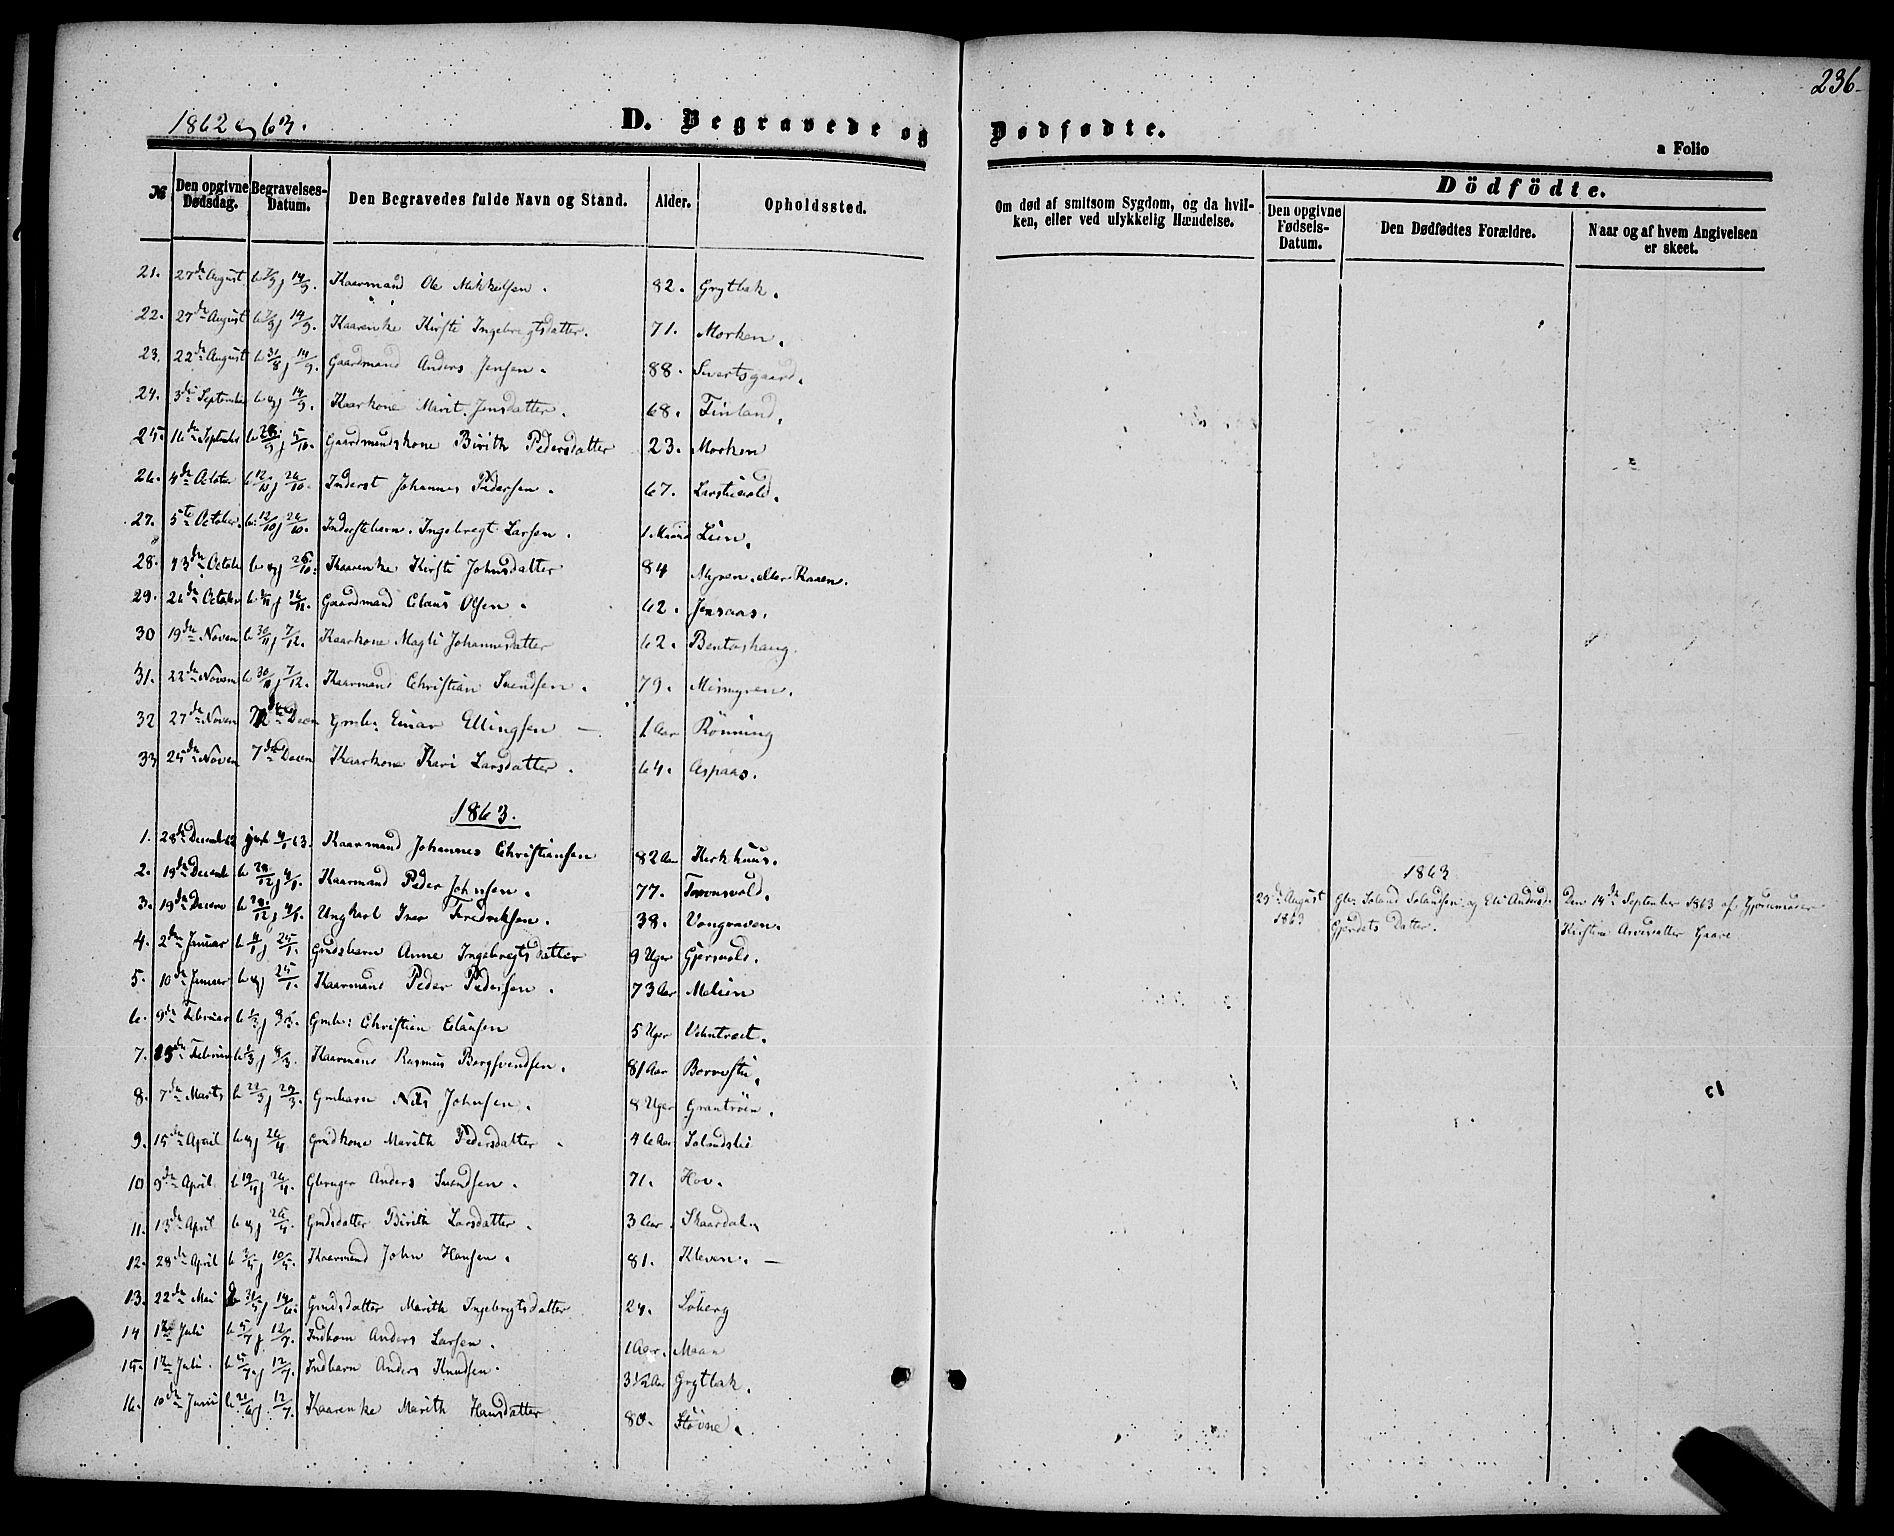 SAT, Ministerialprotokoller, klokkerbøker og fødselsregistre - Sør-Trøndelag, 685/L0968: Ministerialbok nr. 685A07 /3, 1860-1869, s. 236